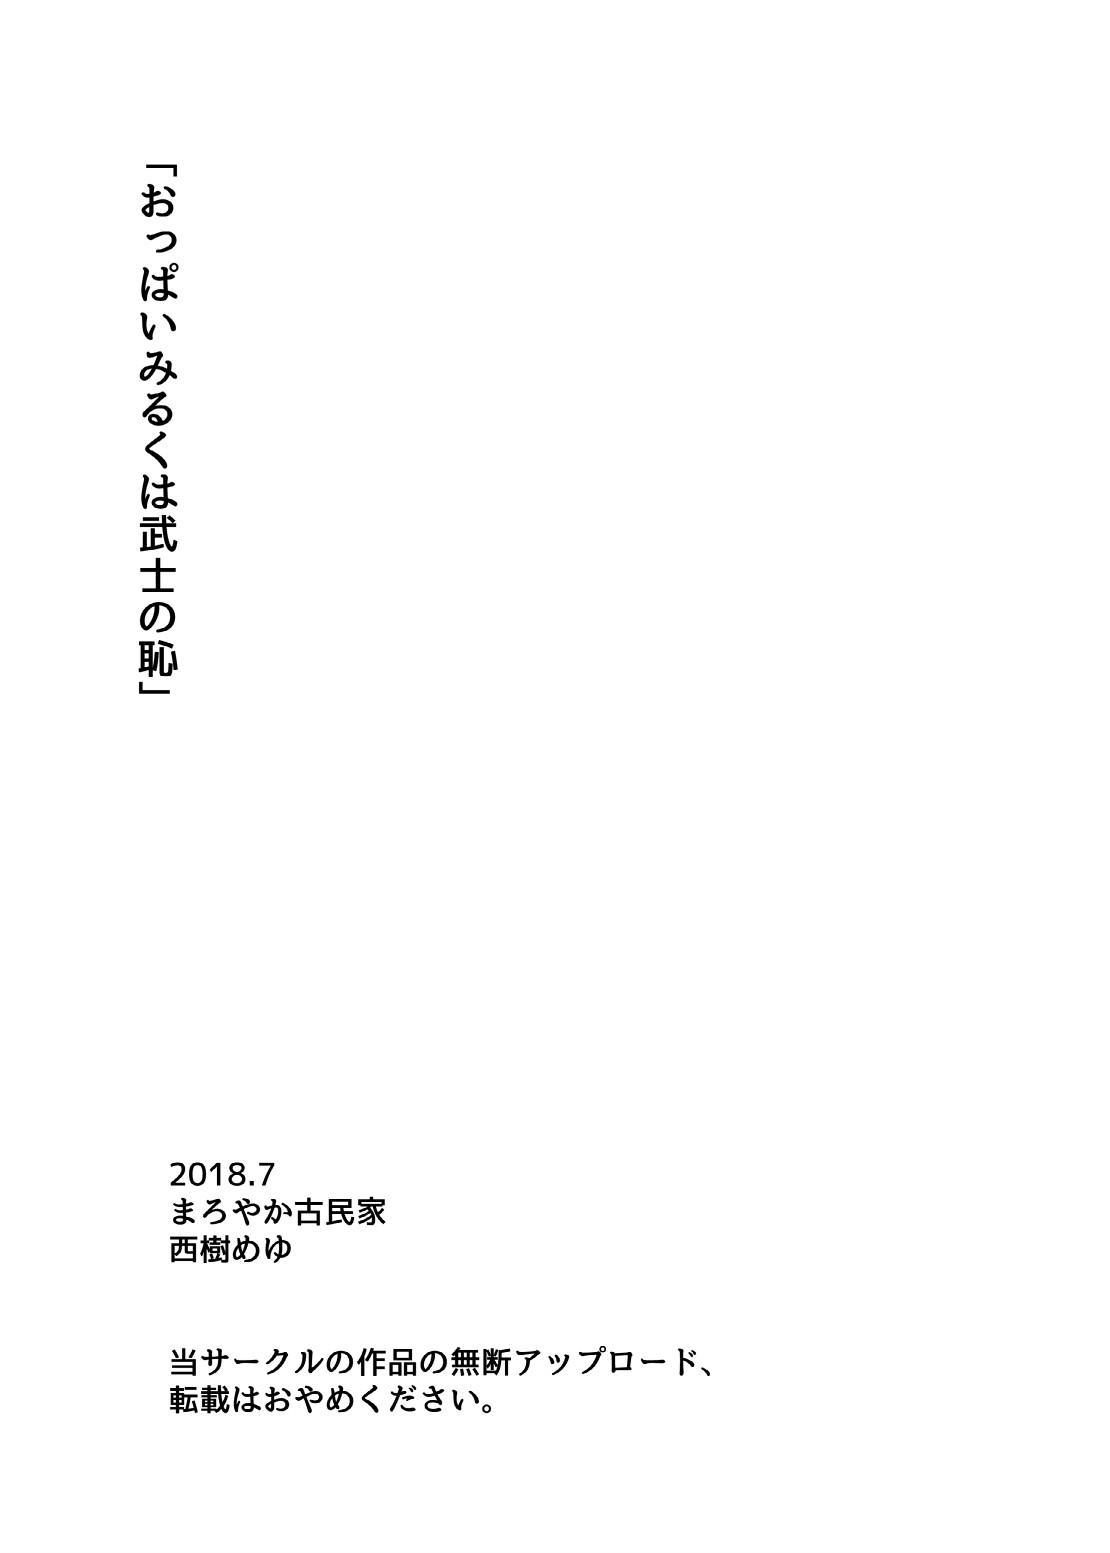 Oppai Milk wa Bushi no Haji 18